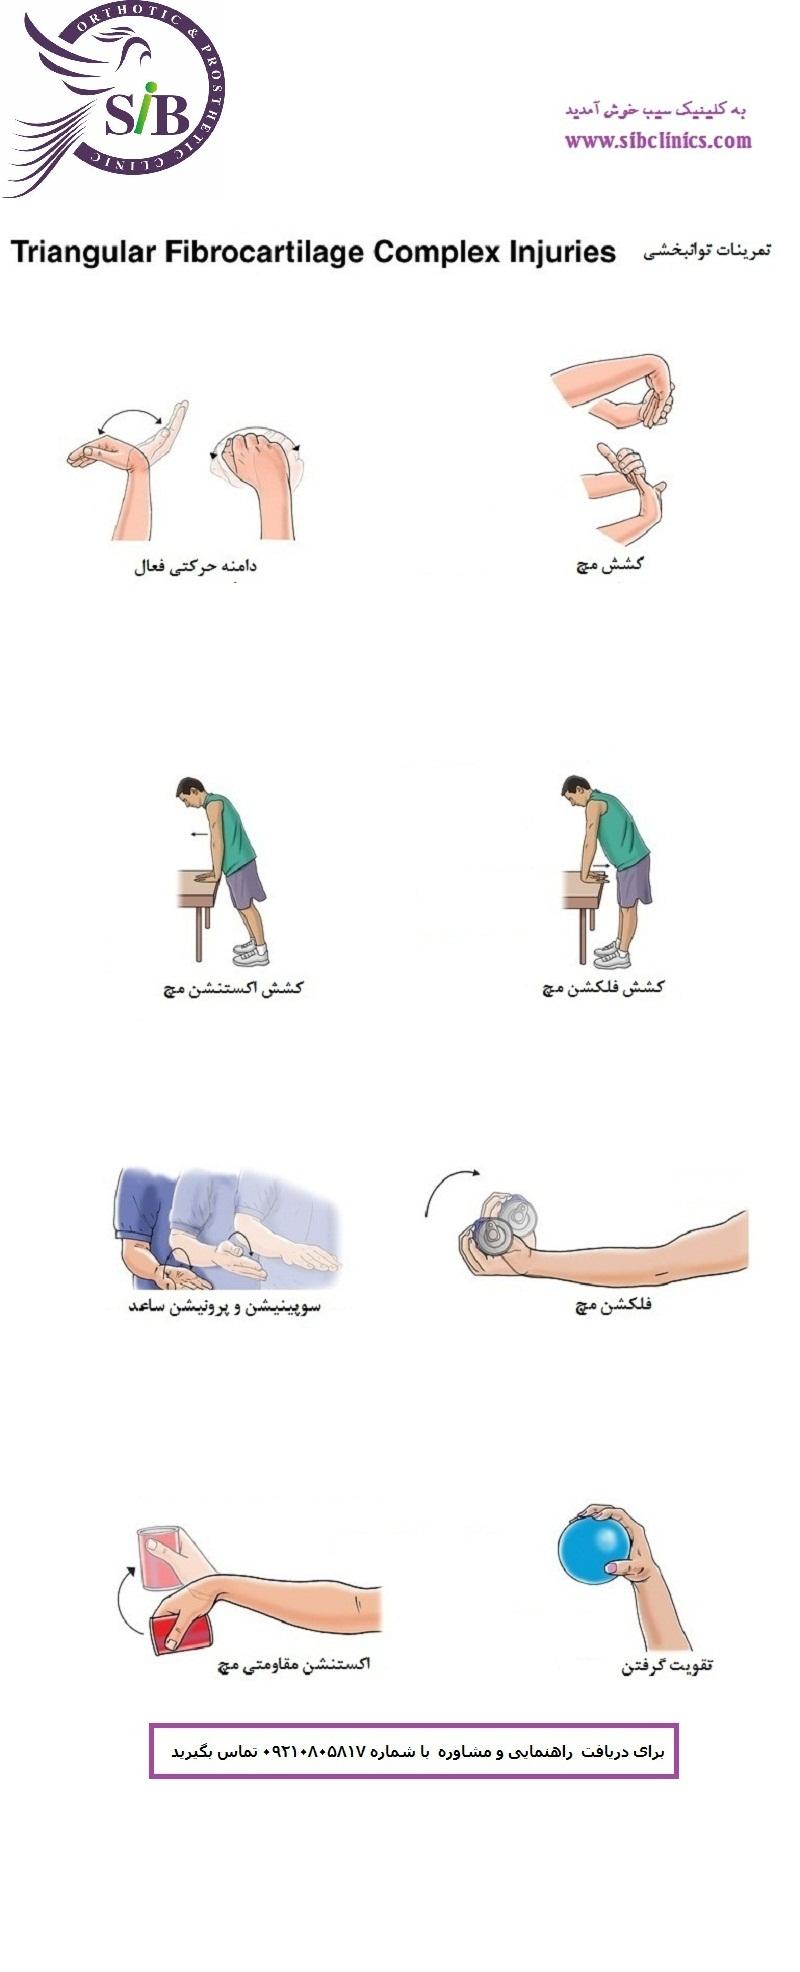 تمرینات توانبخشی اندام فوقانی 3